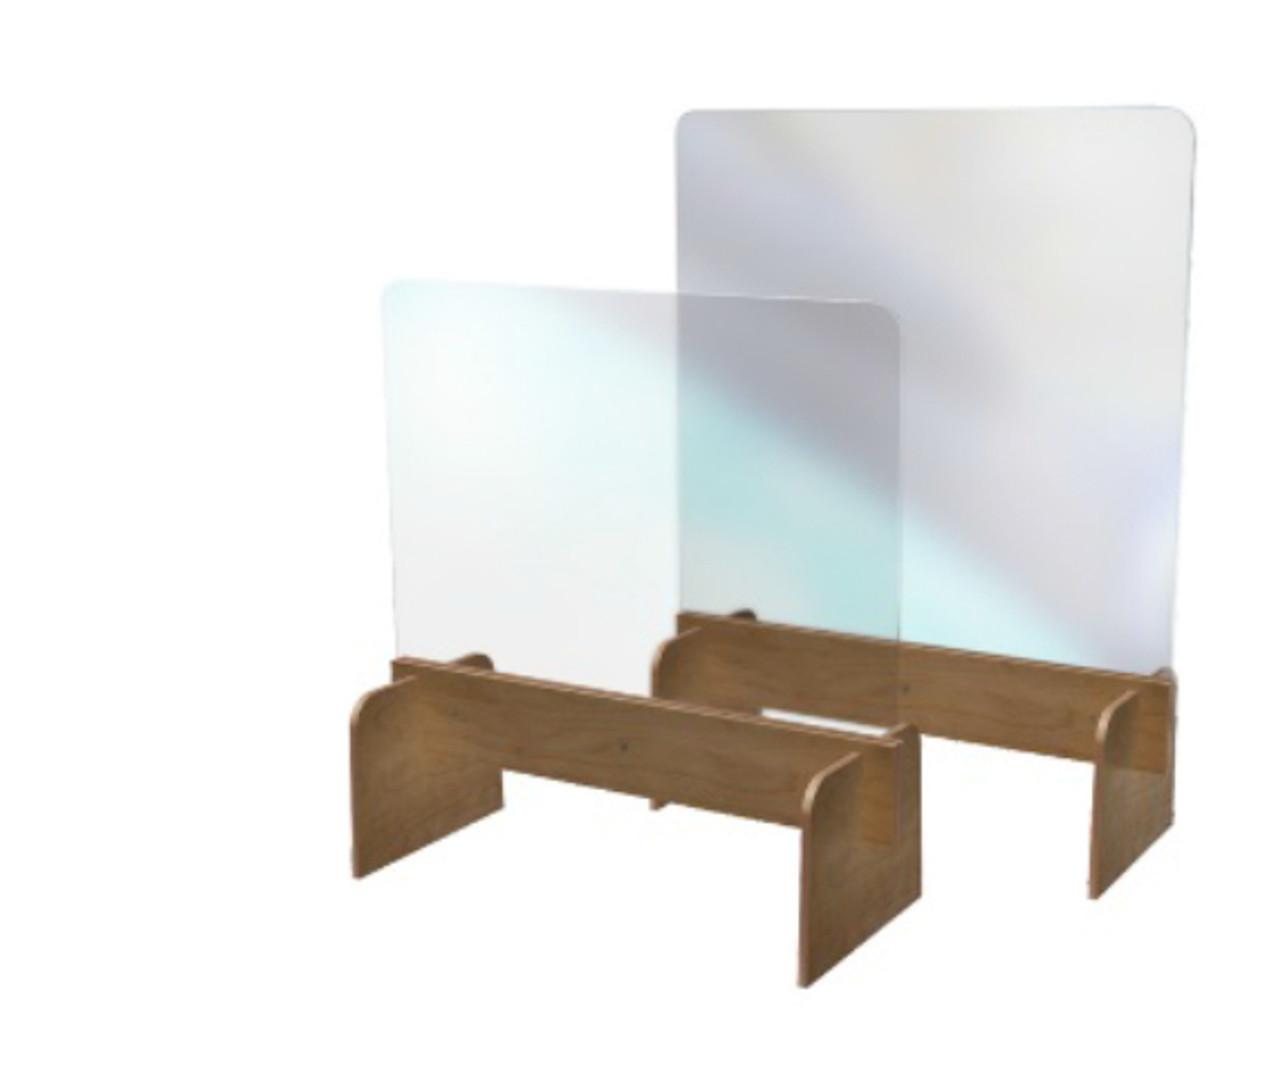 Wooden Counter Stand Medium | AZULWEAR